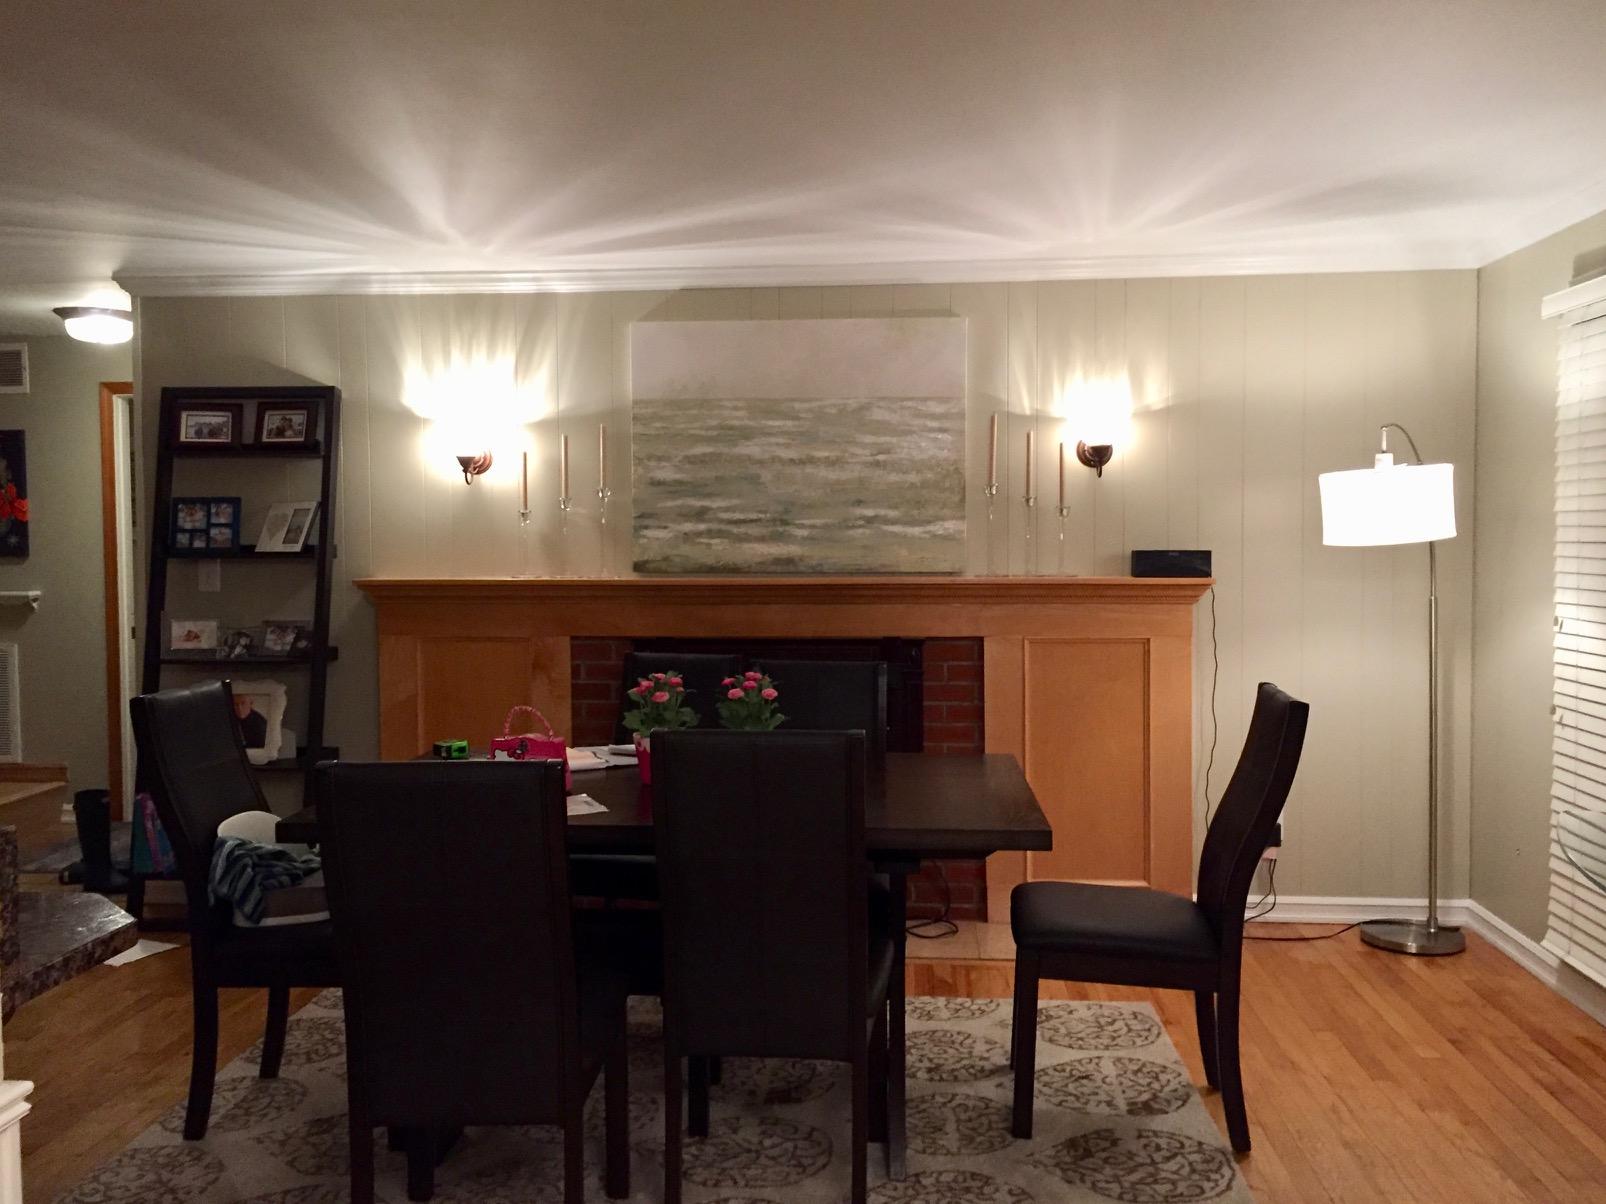 WSDG - Blog | Before&After | Bellevue Kitchen Remodel | BEFORE